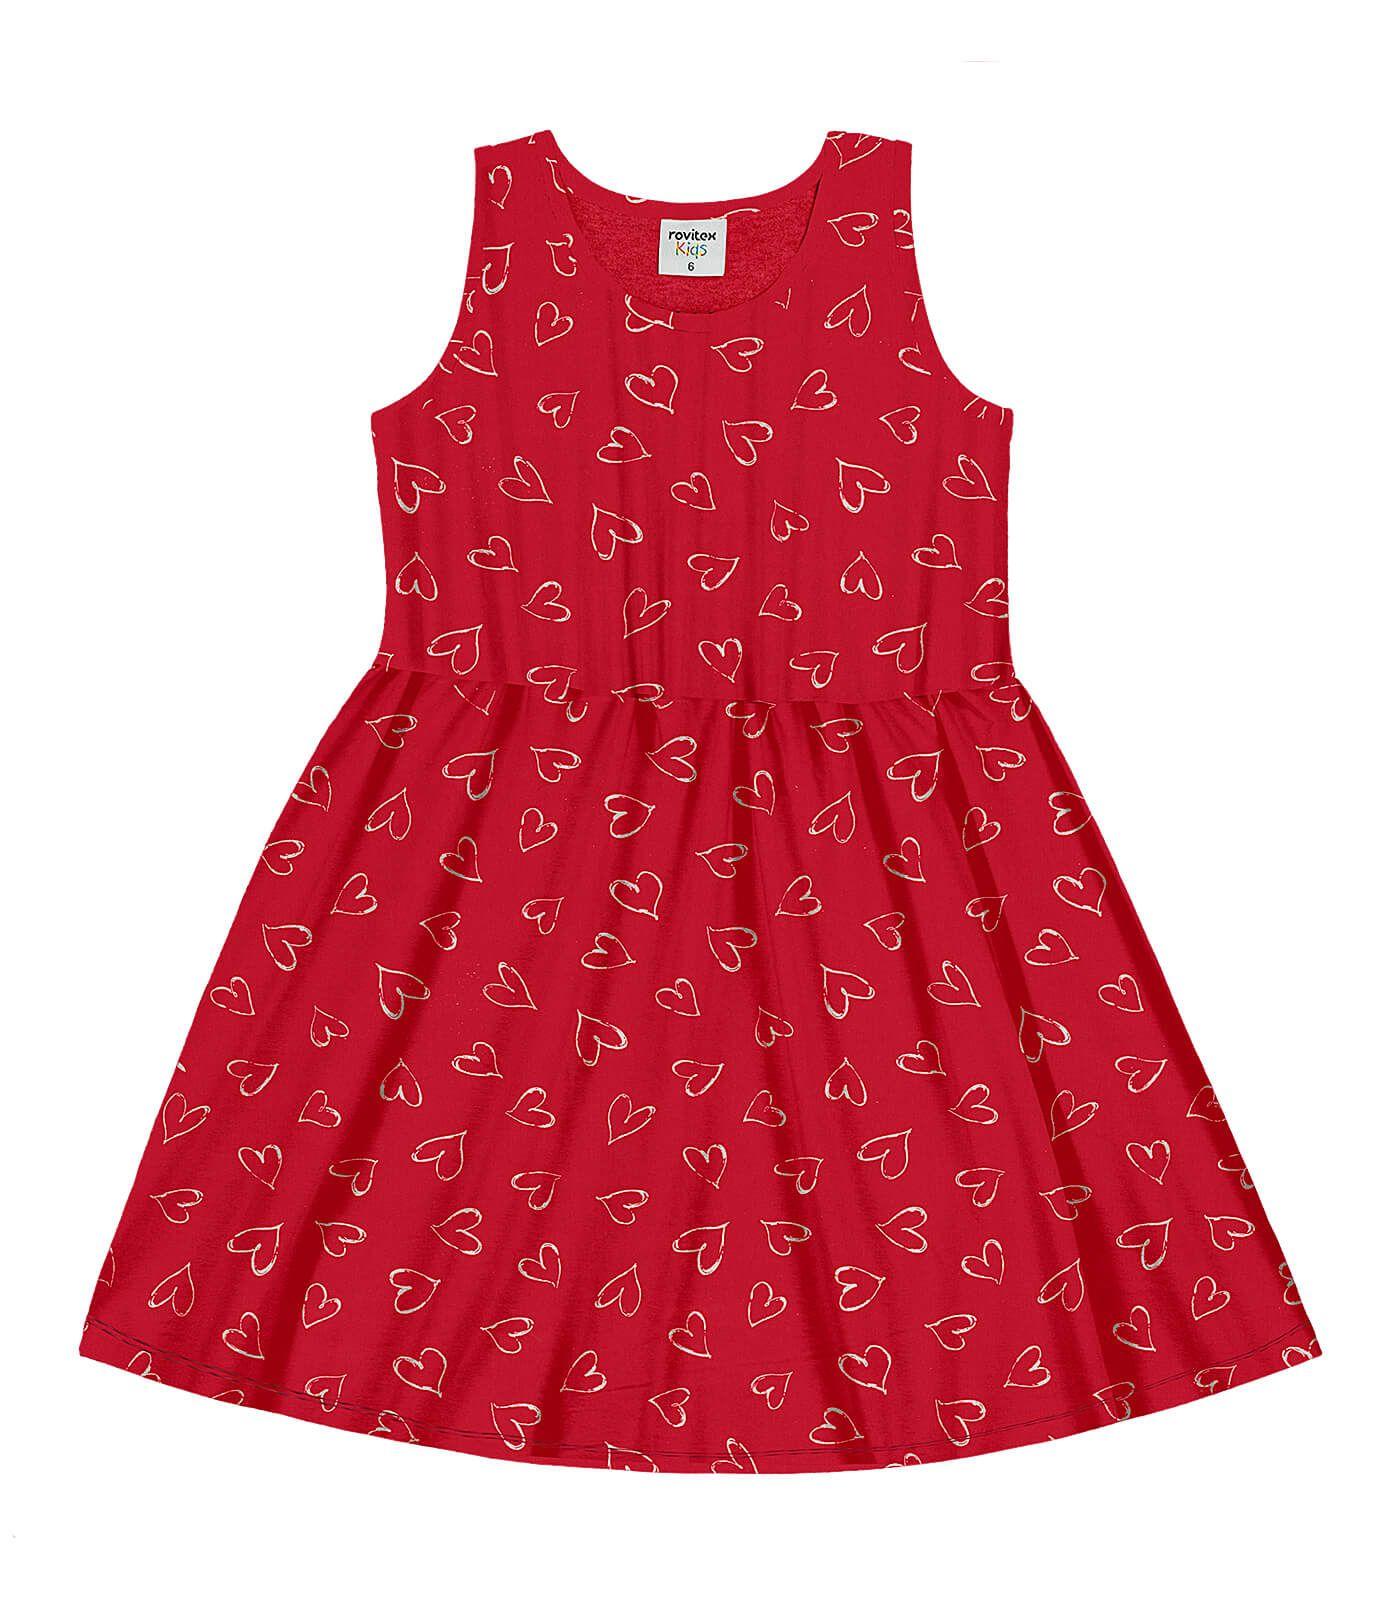 Vestido Meia Malha Jersey Dress Vermelho - Rovitex Kids